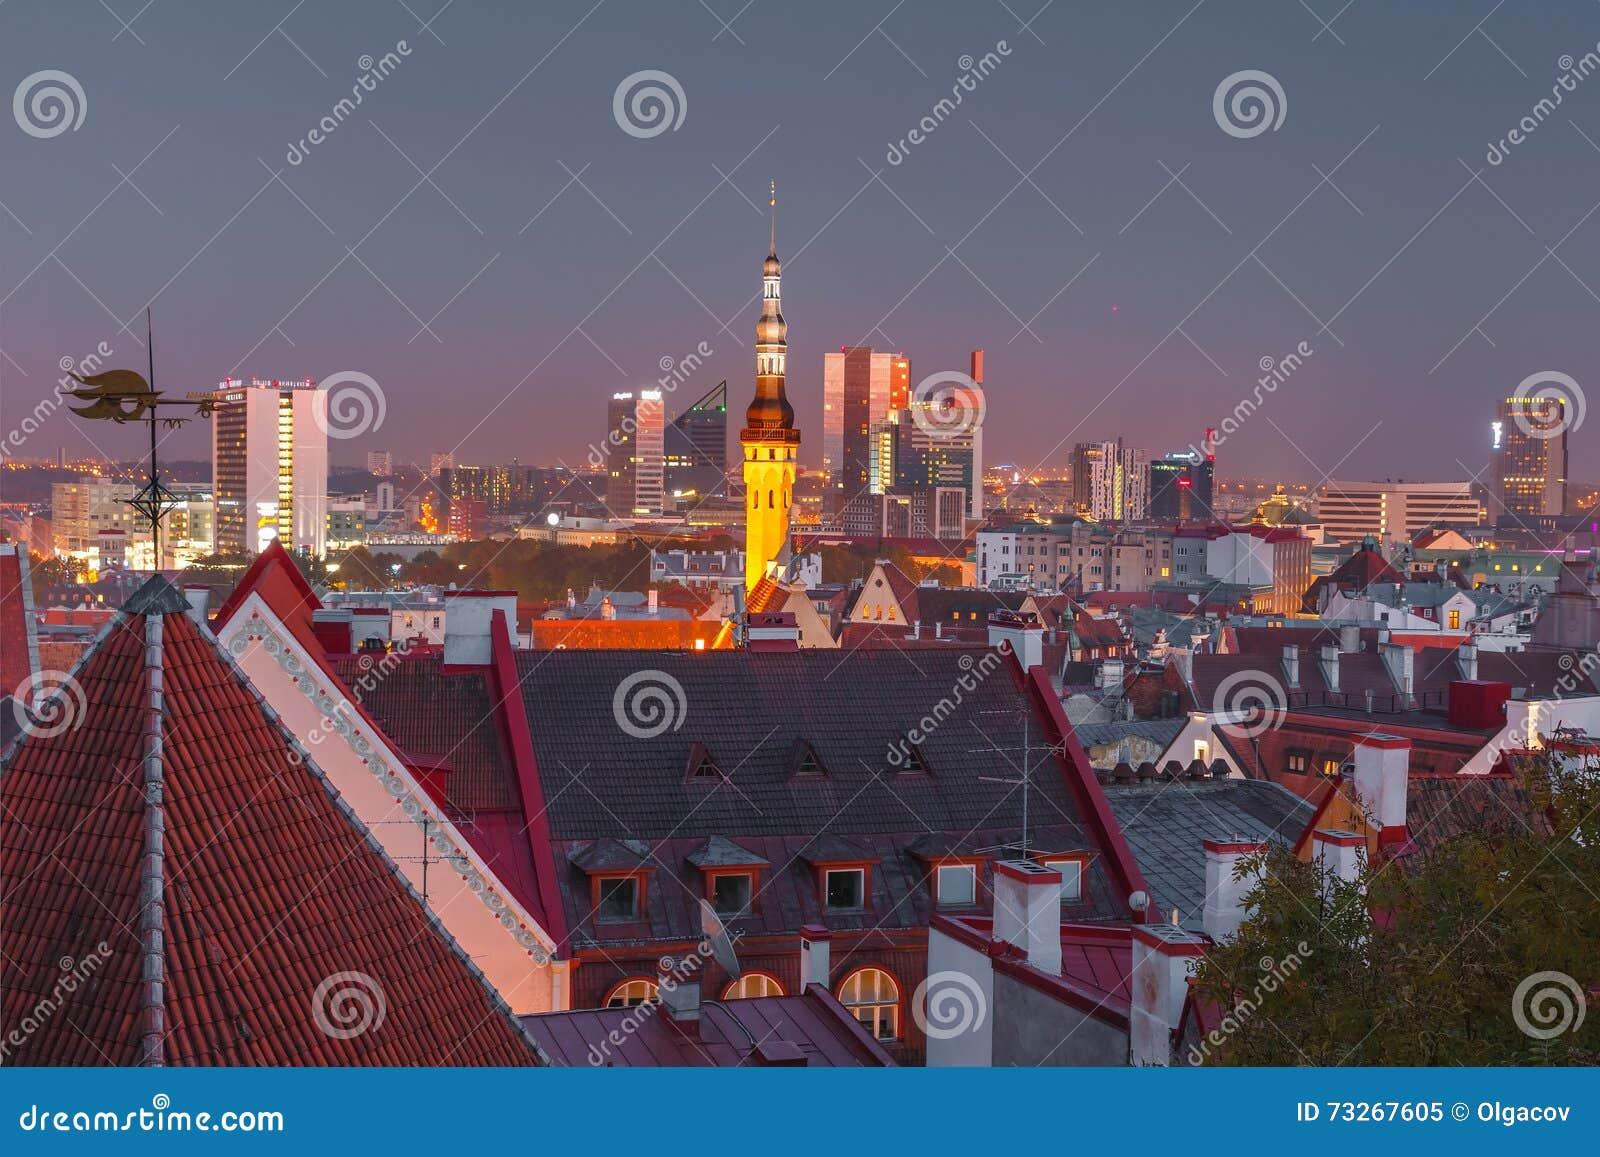 塔林,爱沙尼亚夜空中都市风景